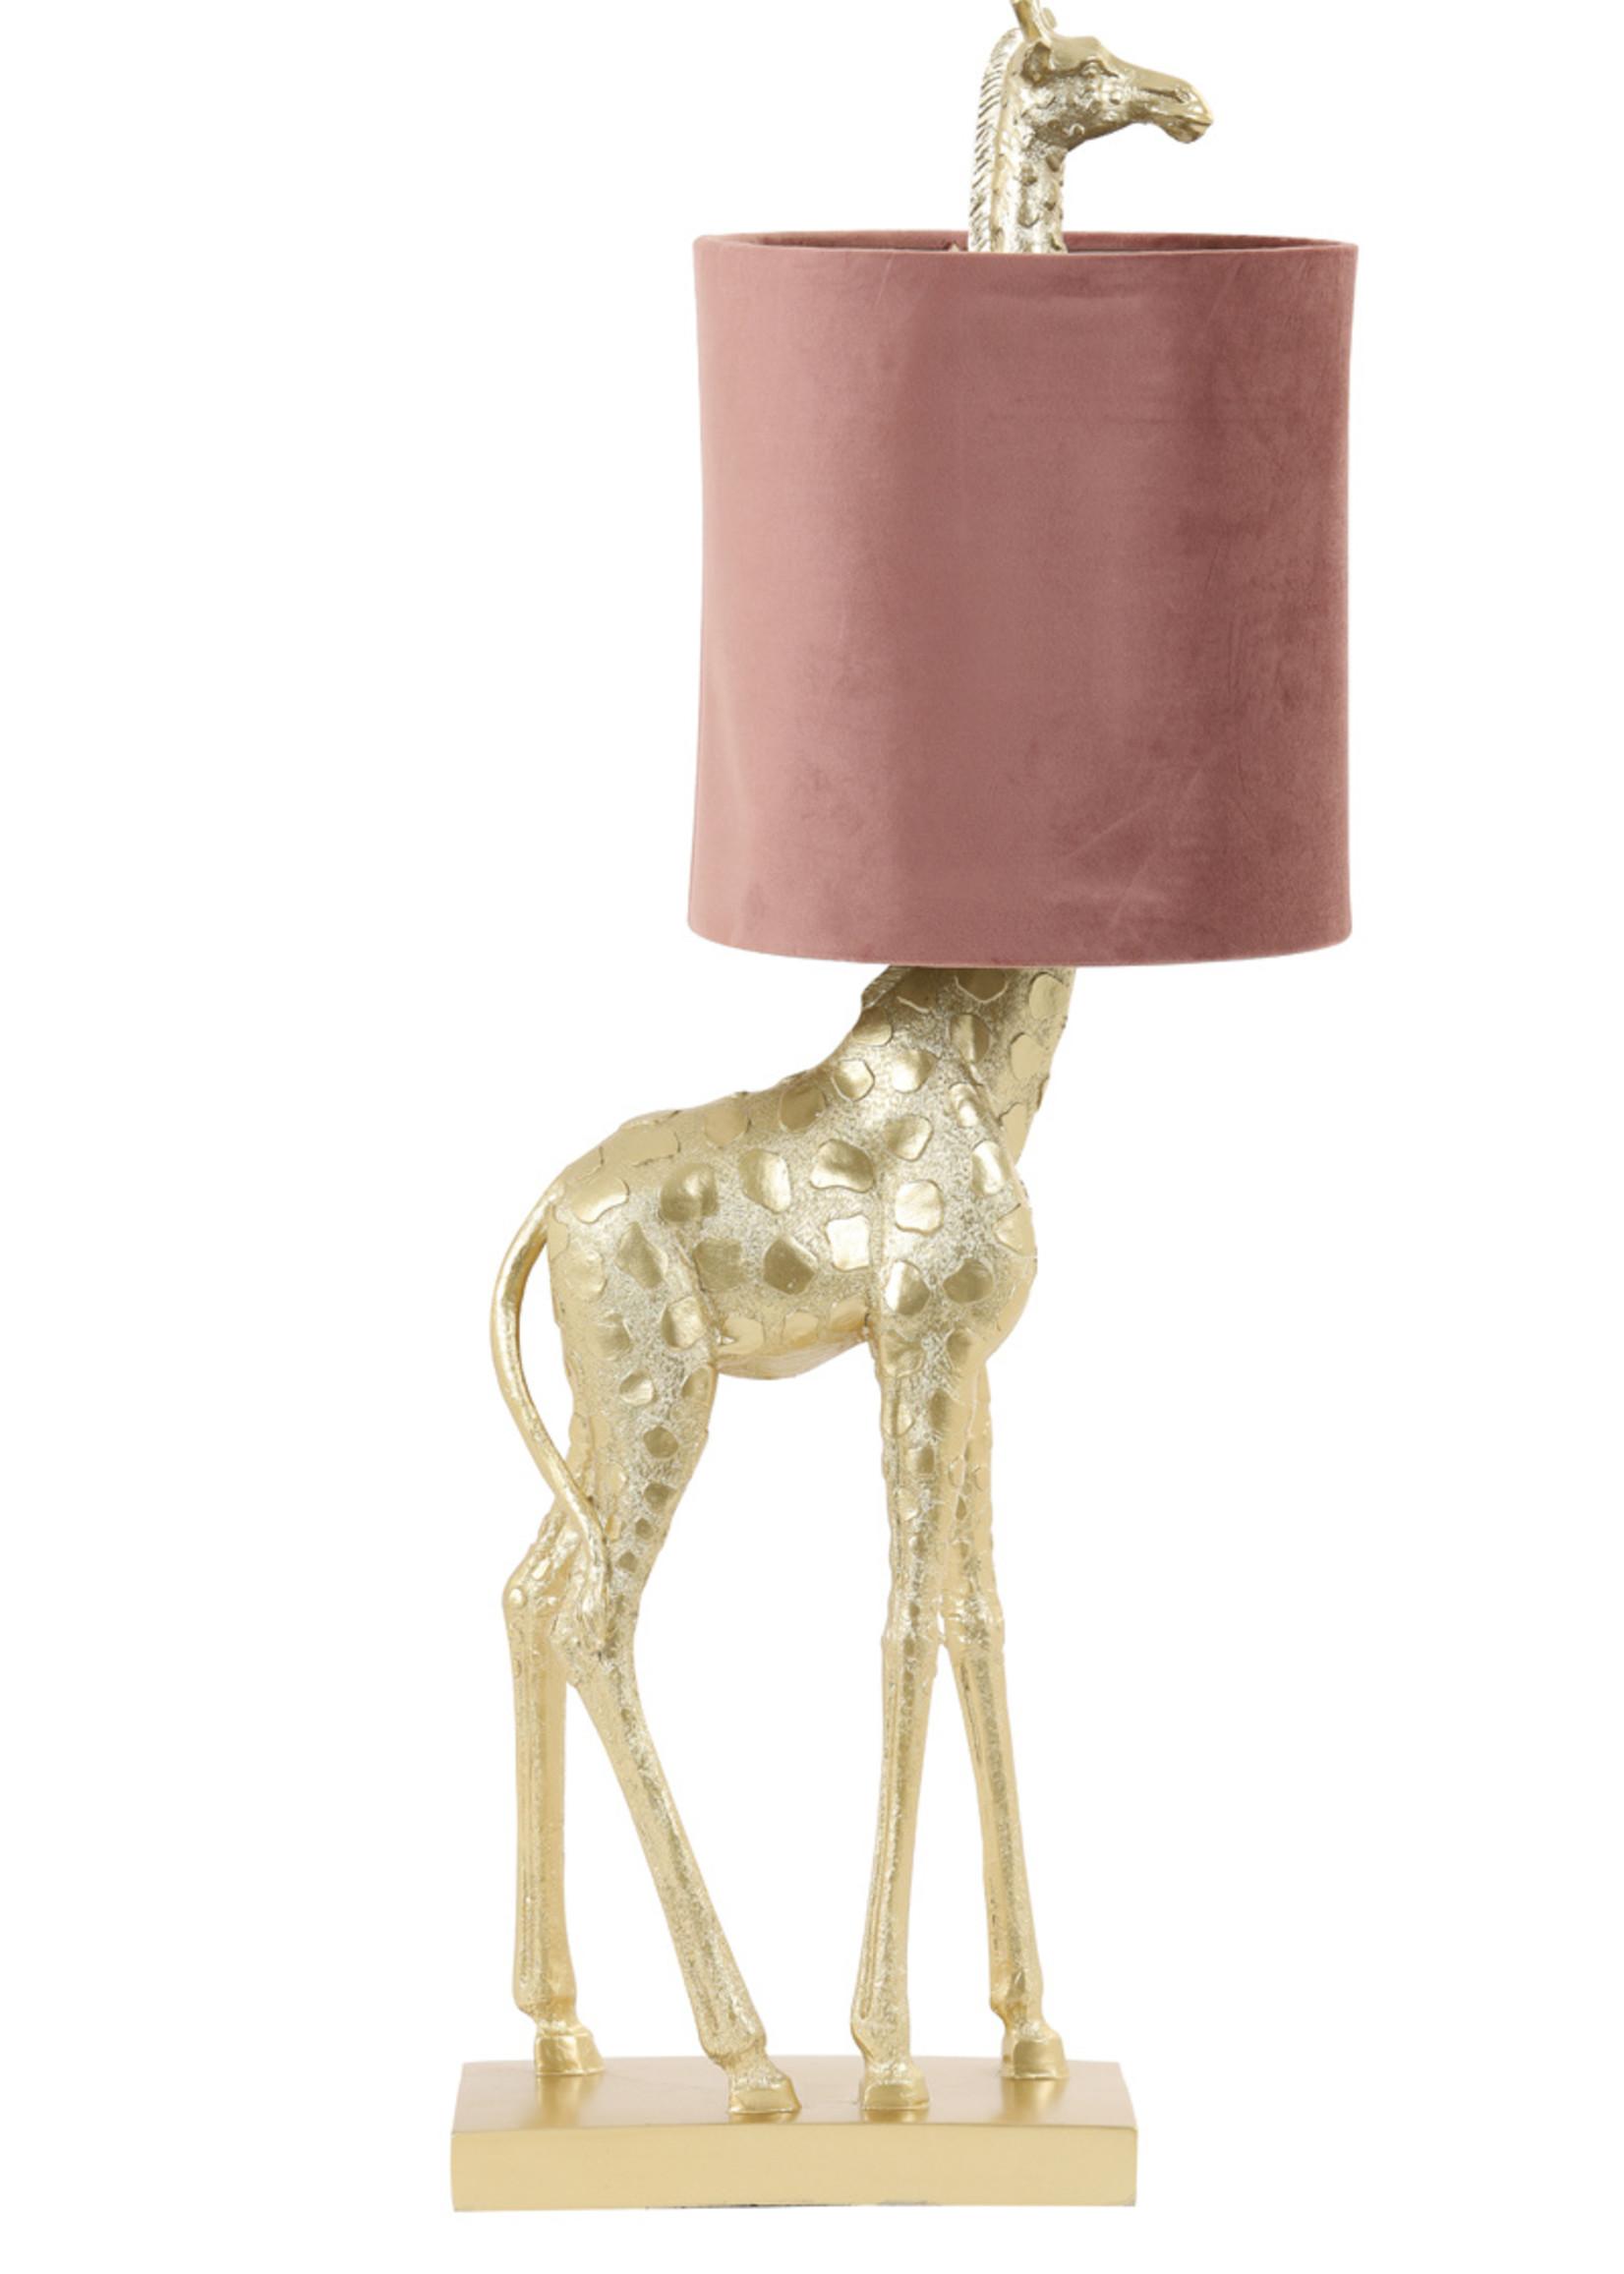 Light & Living Tafellamp 28x20x68cm Giraffe goud+velvet